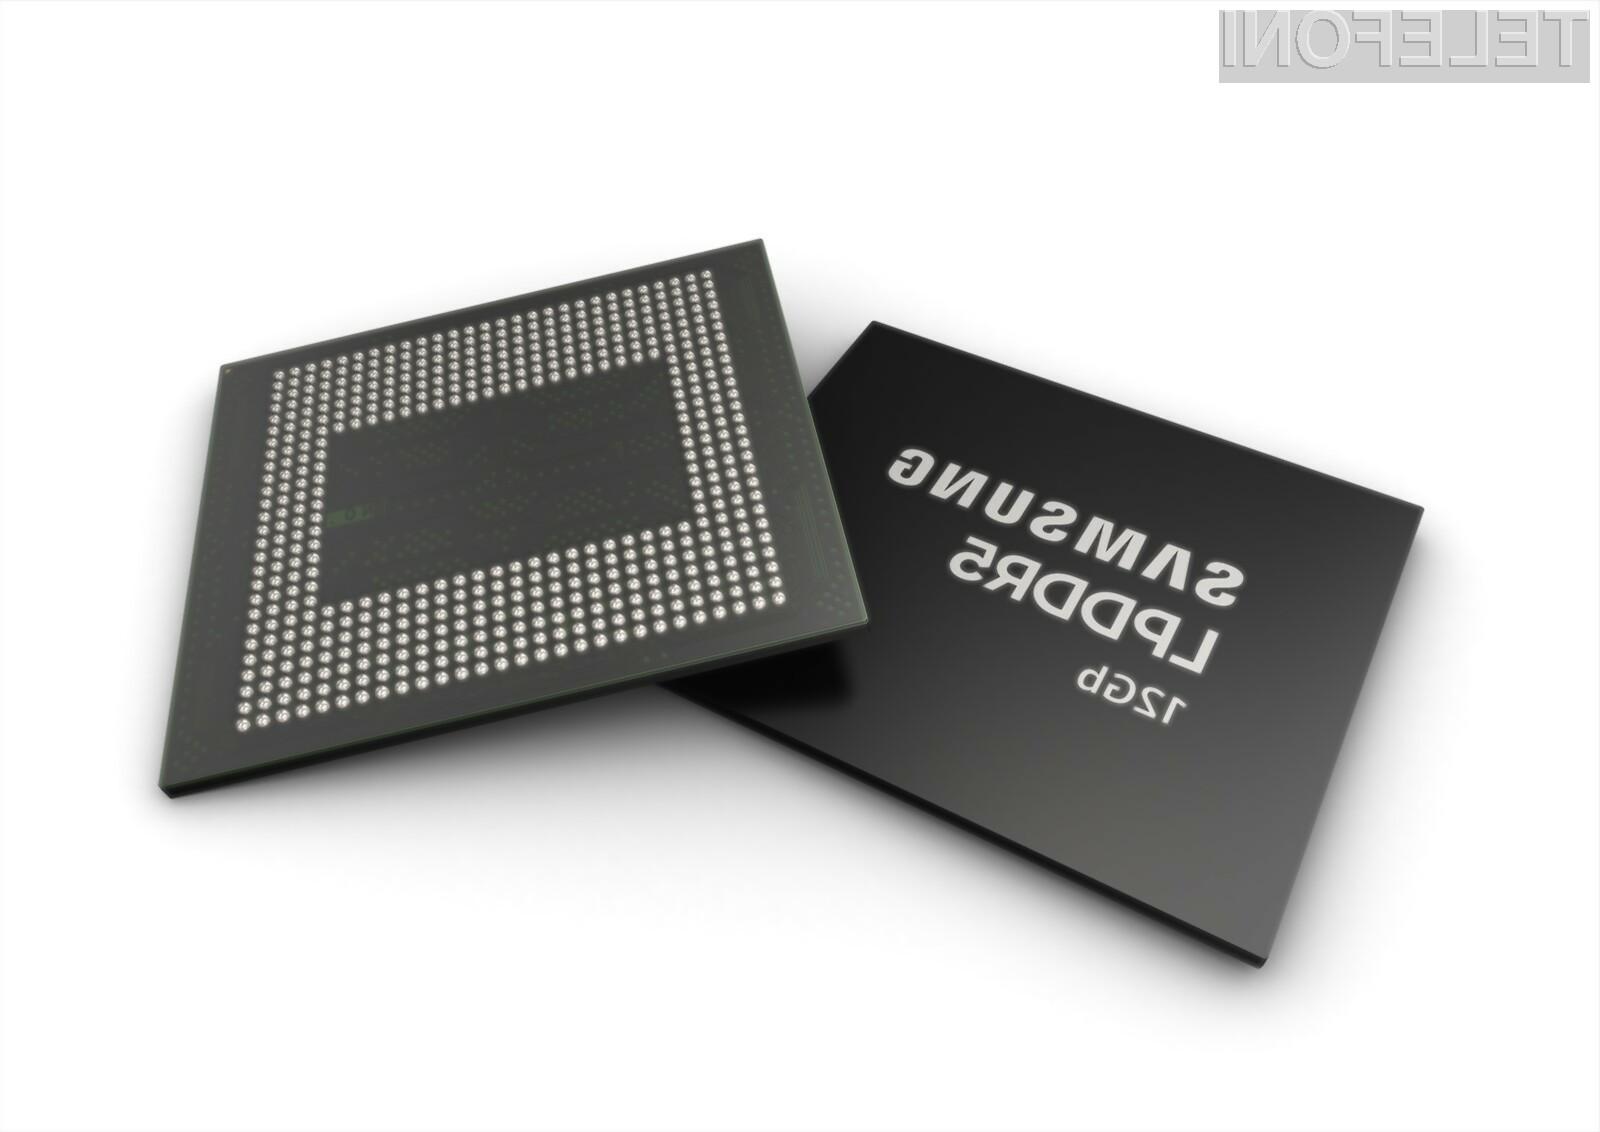 Samsung bo z novimi pomnilniki nedvomno revolucioniral področje mobilne telefonije!